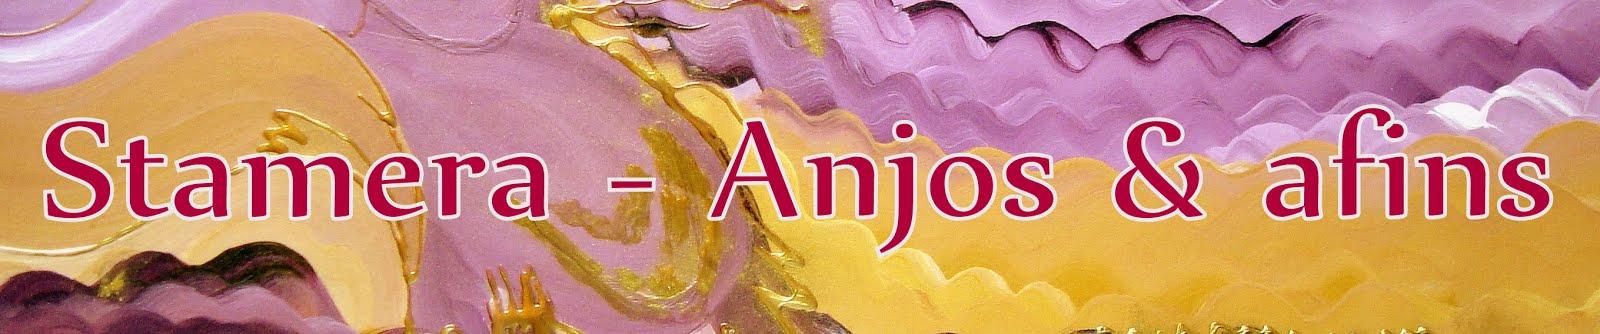 Stamera - Anjos e afins